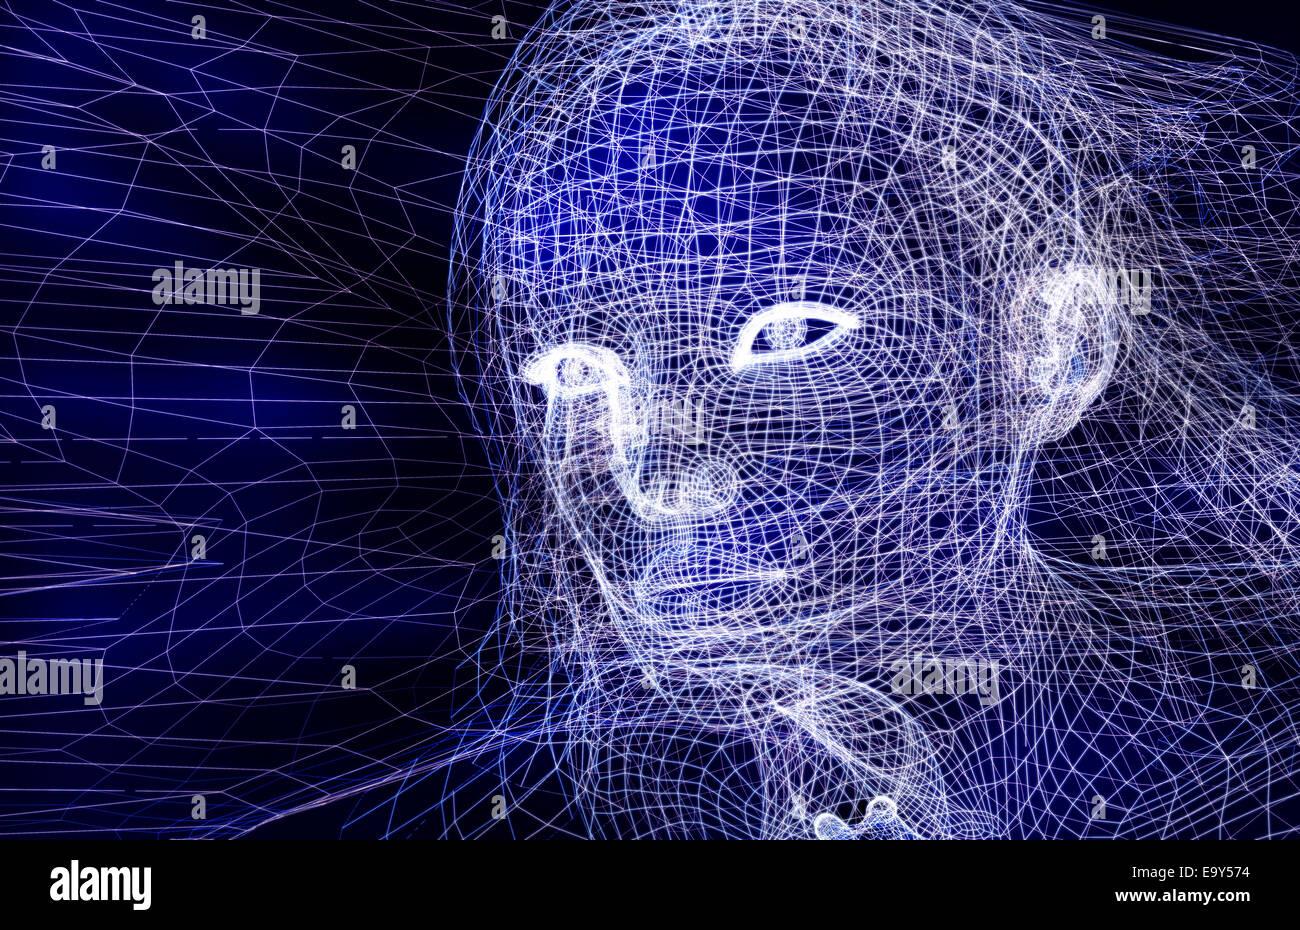 Femme de fer numérique 3D illustration conceptuelle face sur fond bleu foncé Photo Stock